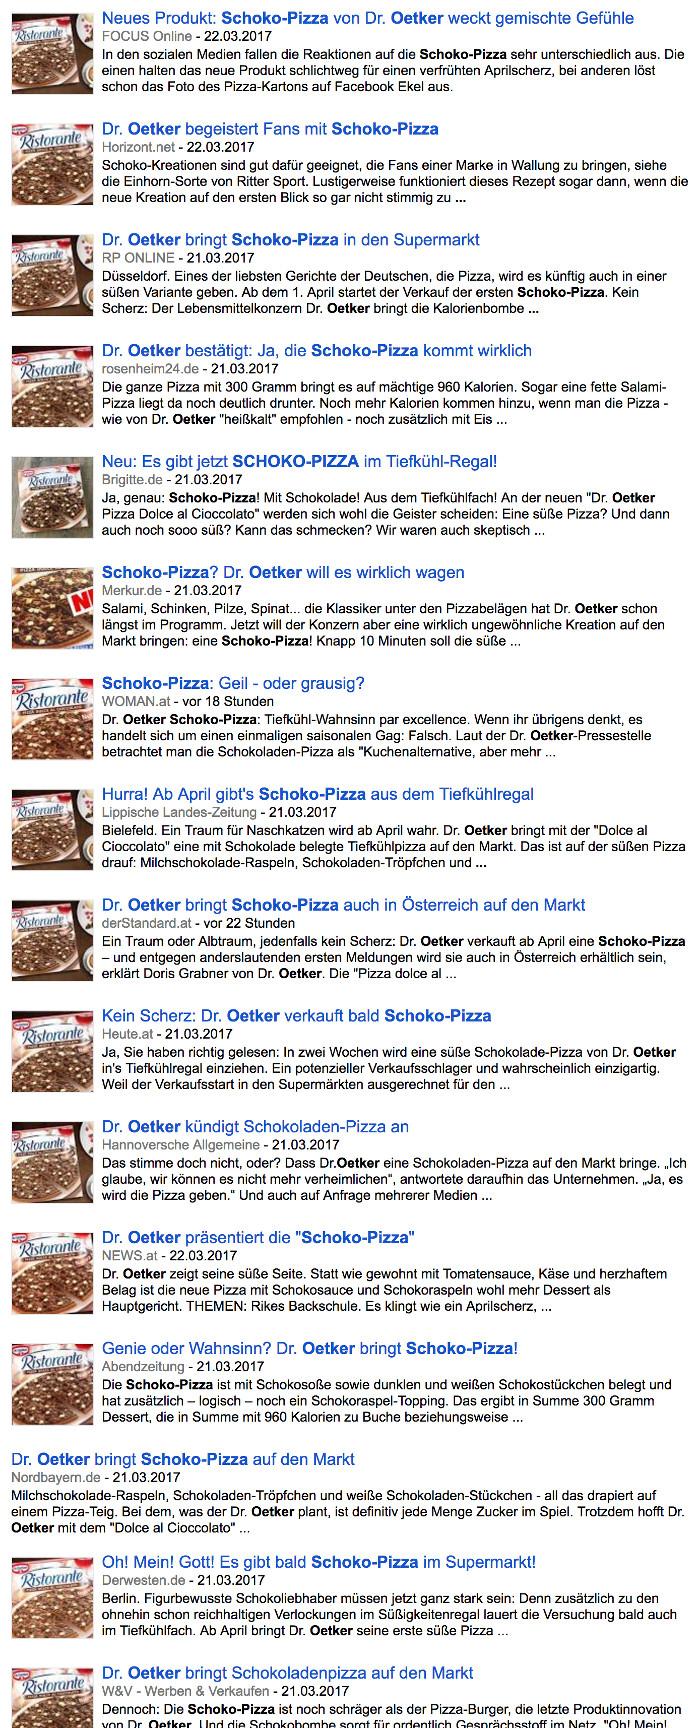 Screenshot von Google News zur Schoko-Pizza von Dr. Oetker